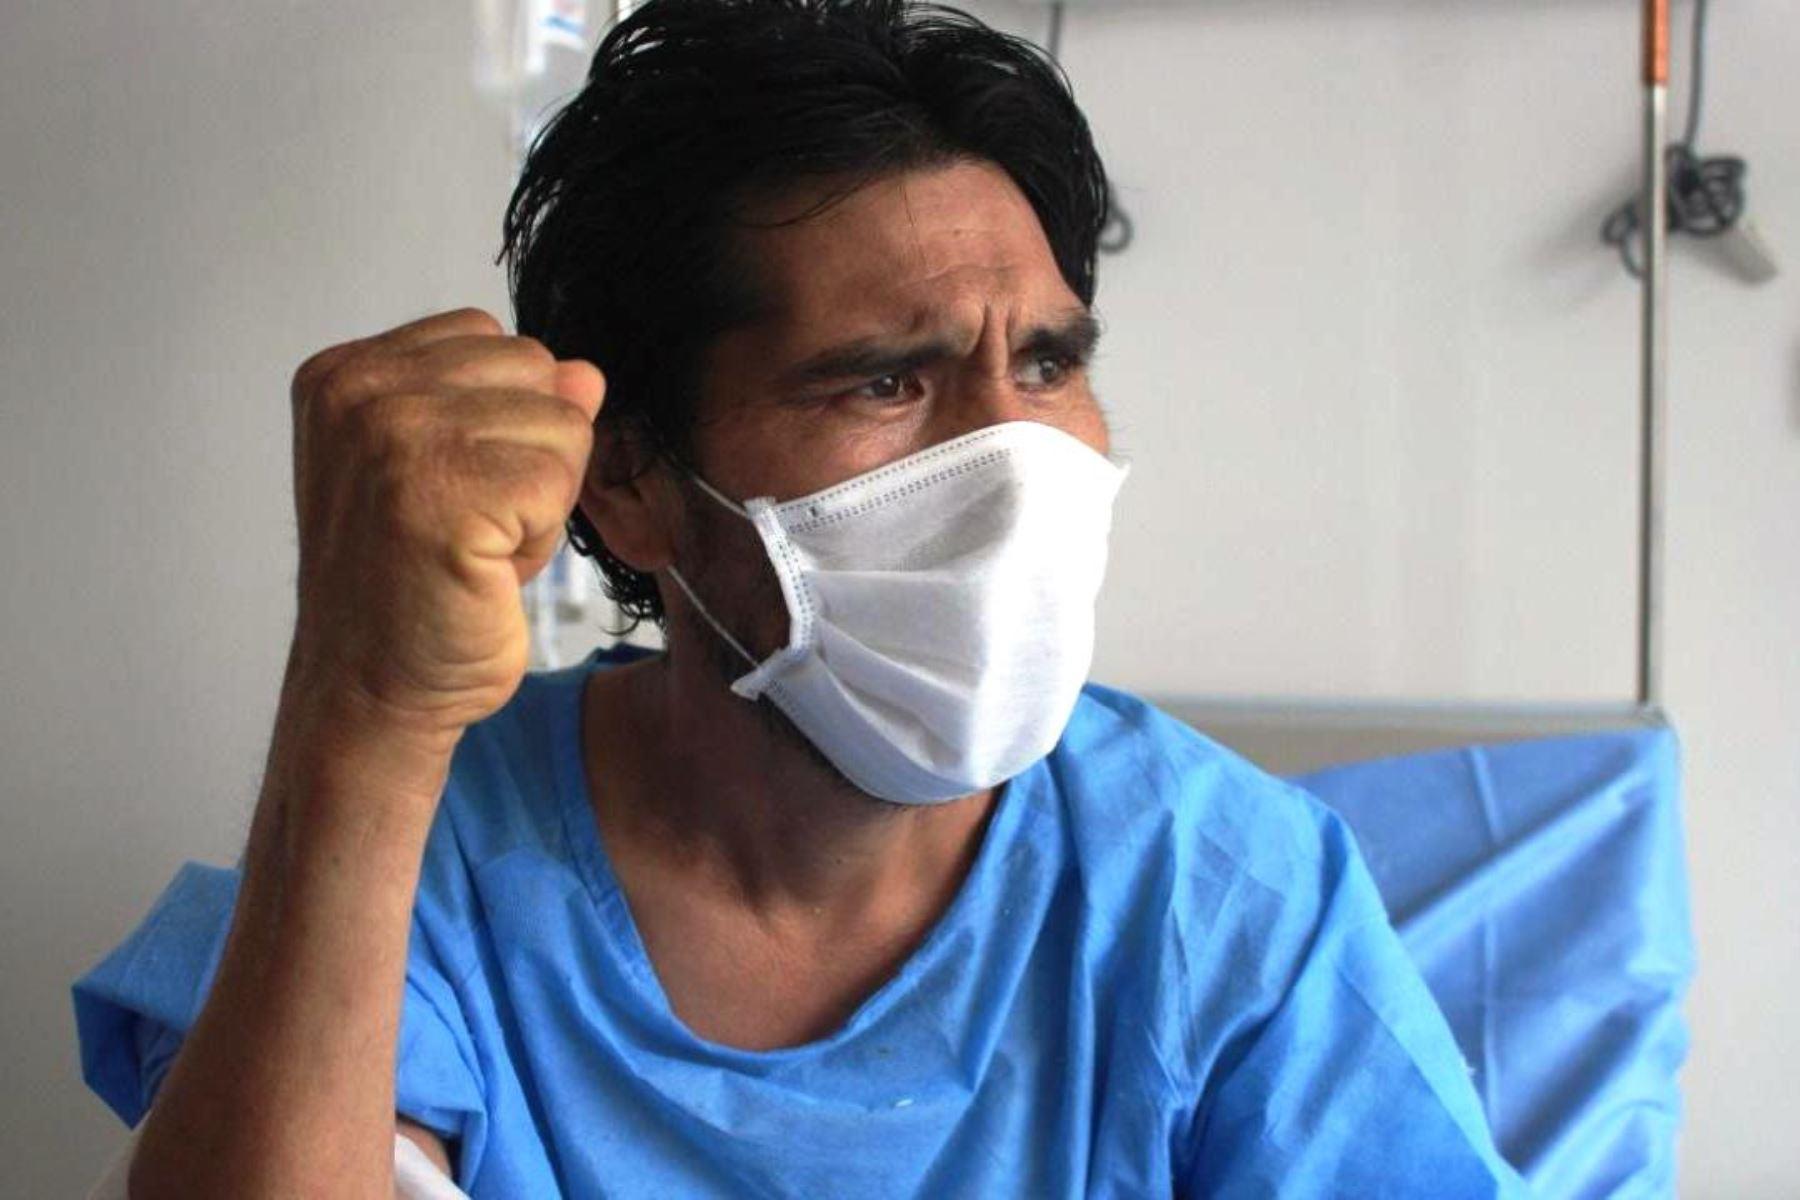 Piceno es un vendedor de fruta que fue dado de alta del Hospital Emergencia Ate Vitarte tras vencer al Covid-19. Foto: ANDINA/Difusión.